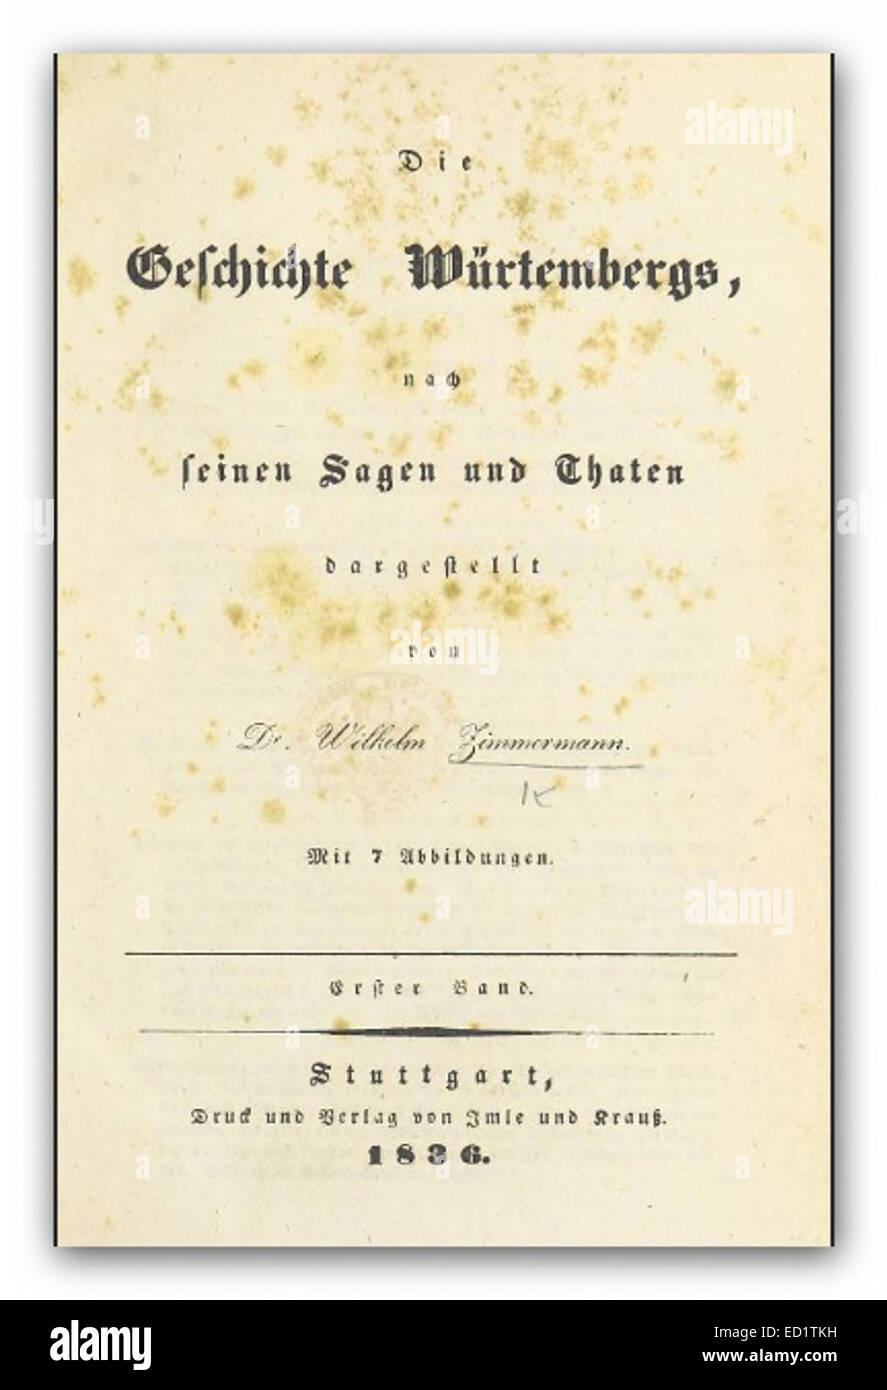 ZIMMERMANN(1836) Gesch. Würtembergs 1.Bd - Stock Image